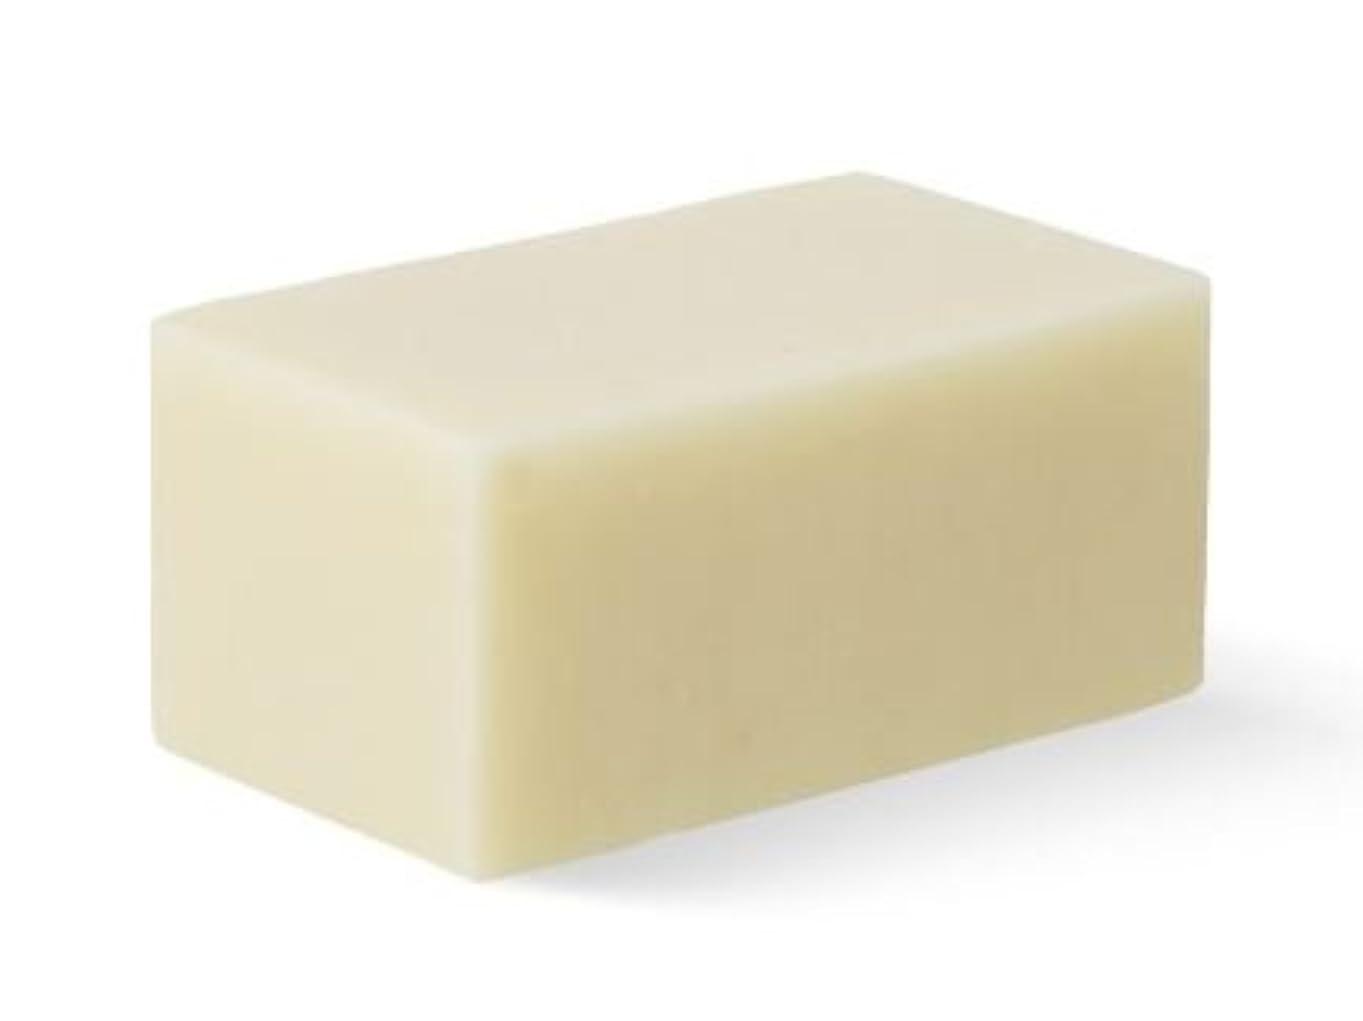 運動する公使館スイ[Abib] Facial Soap ivory Brick 100g/[アビブ]フェイシャルソープ アイボリー ブリック100g [並行輸入品]